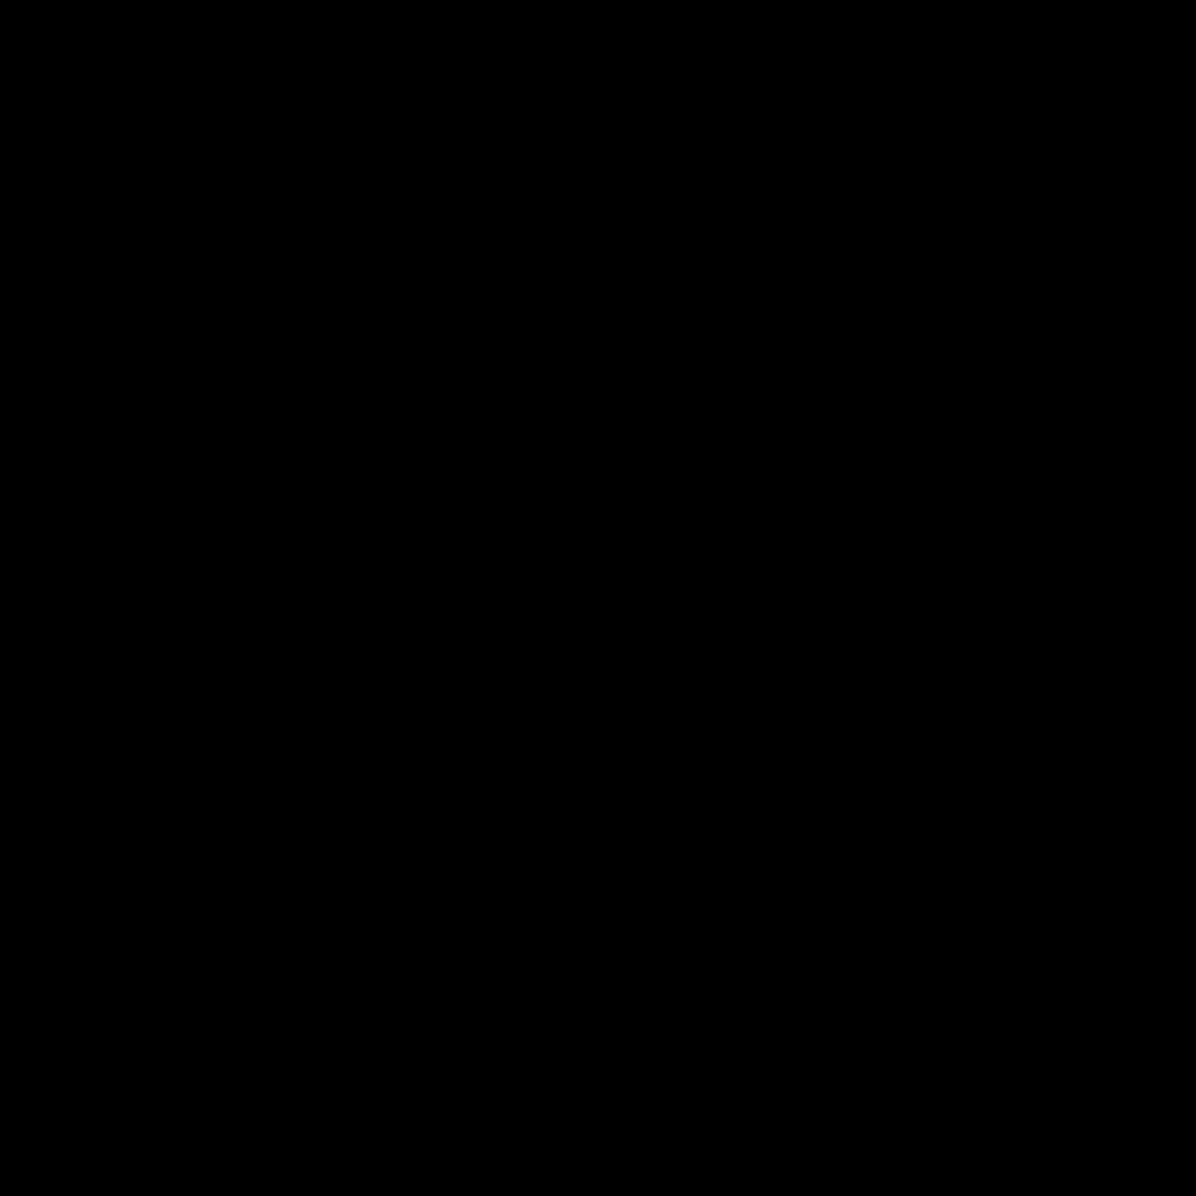 N.G.M.R- жълто лого- черна раница